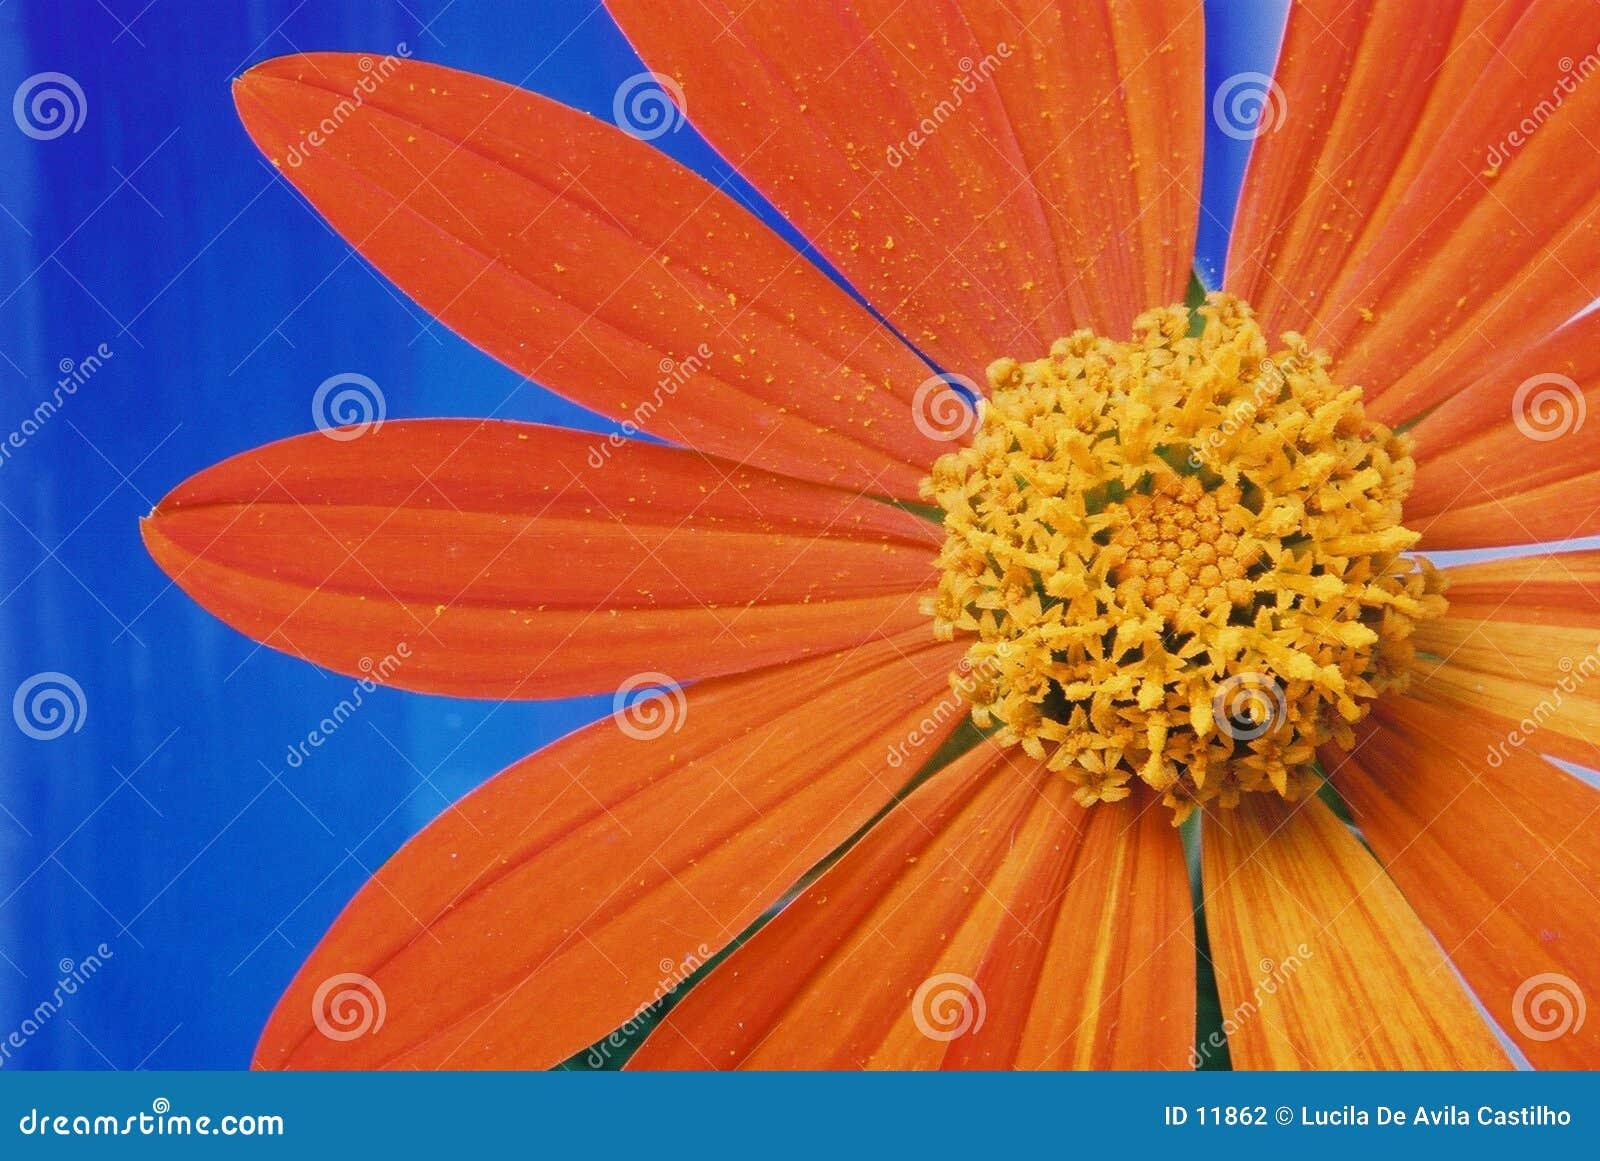 лепестки померанца цветка